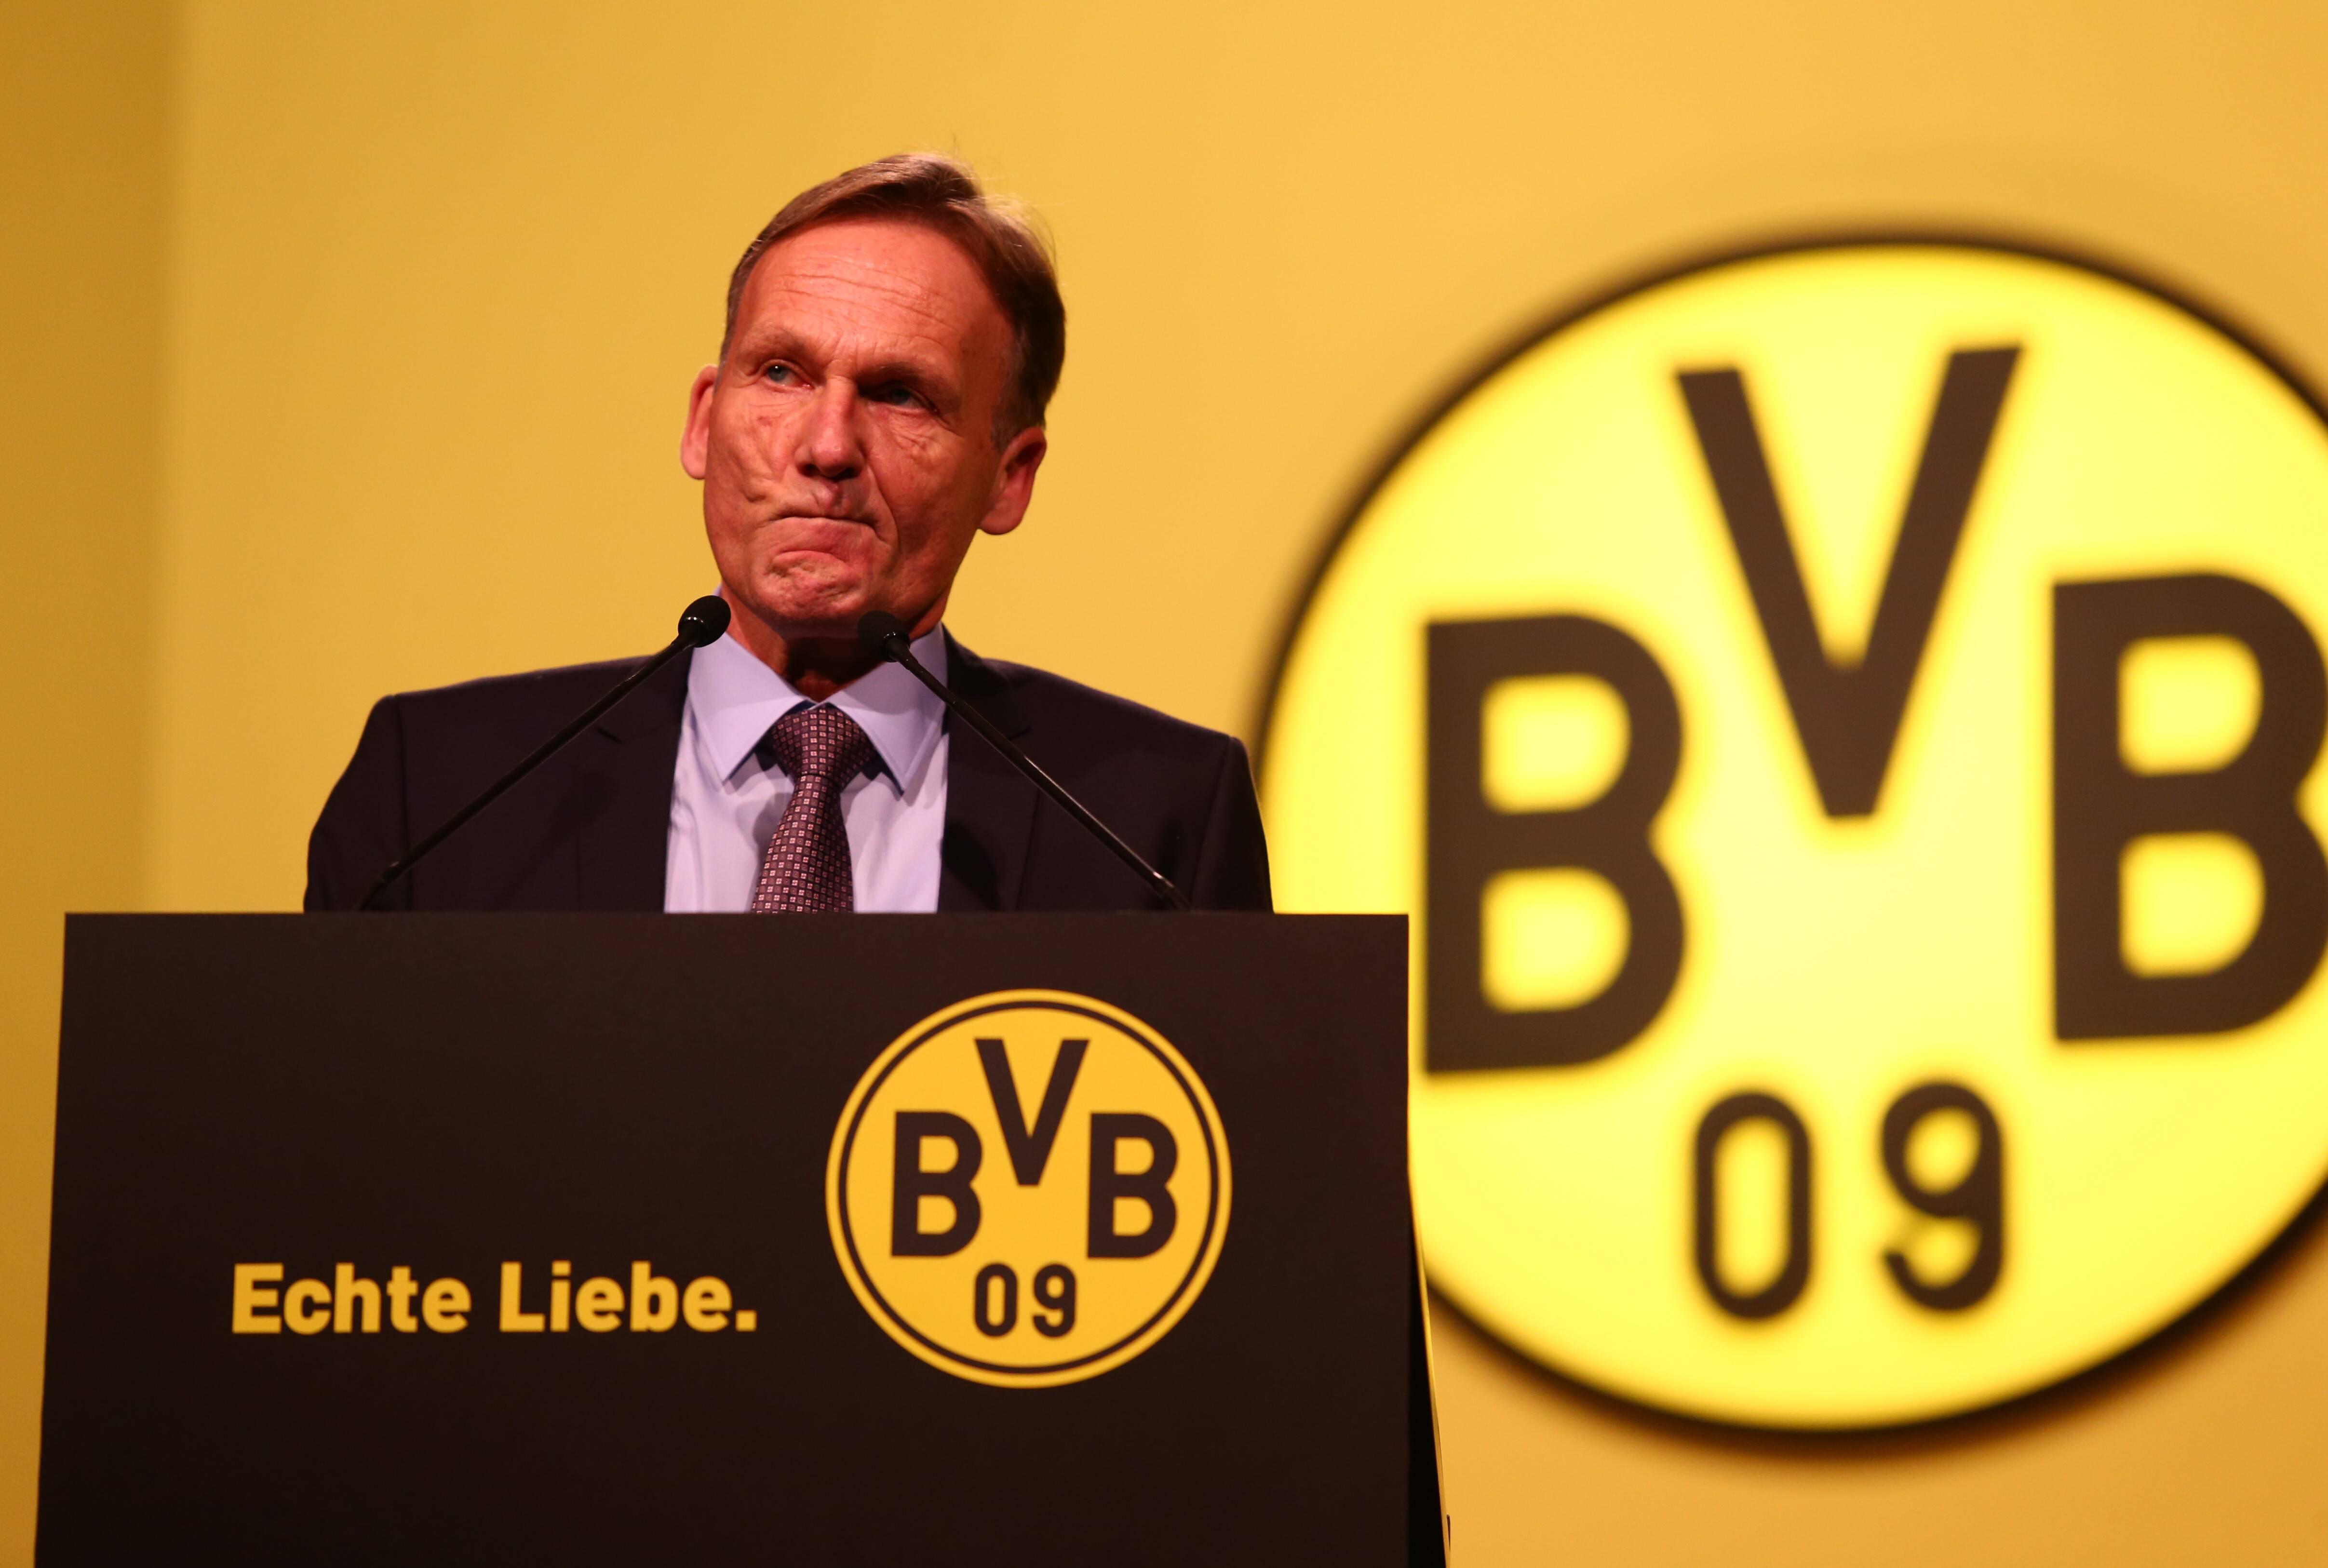 Bild zu Hans-Joachim Watzke, BVB, Borussia Dortmund, Geschäftsführer